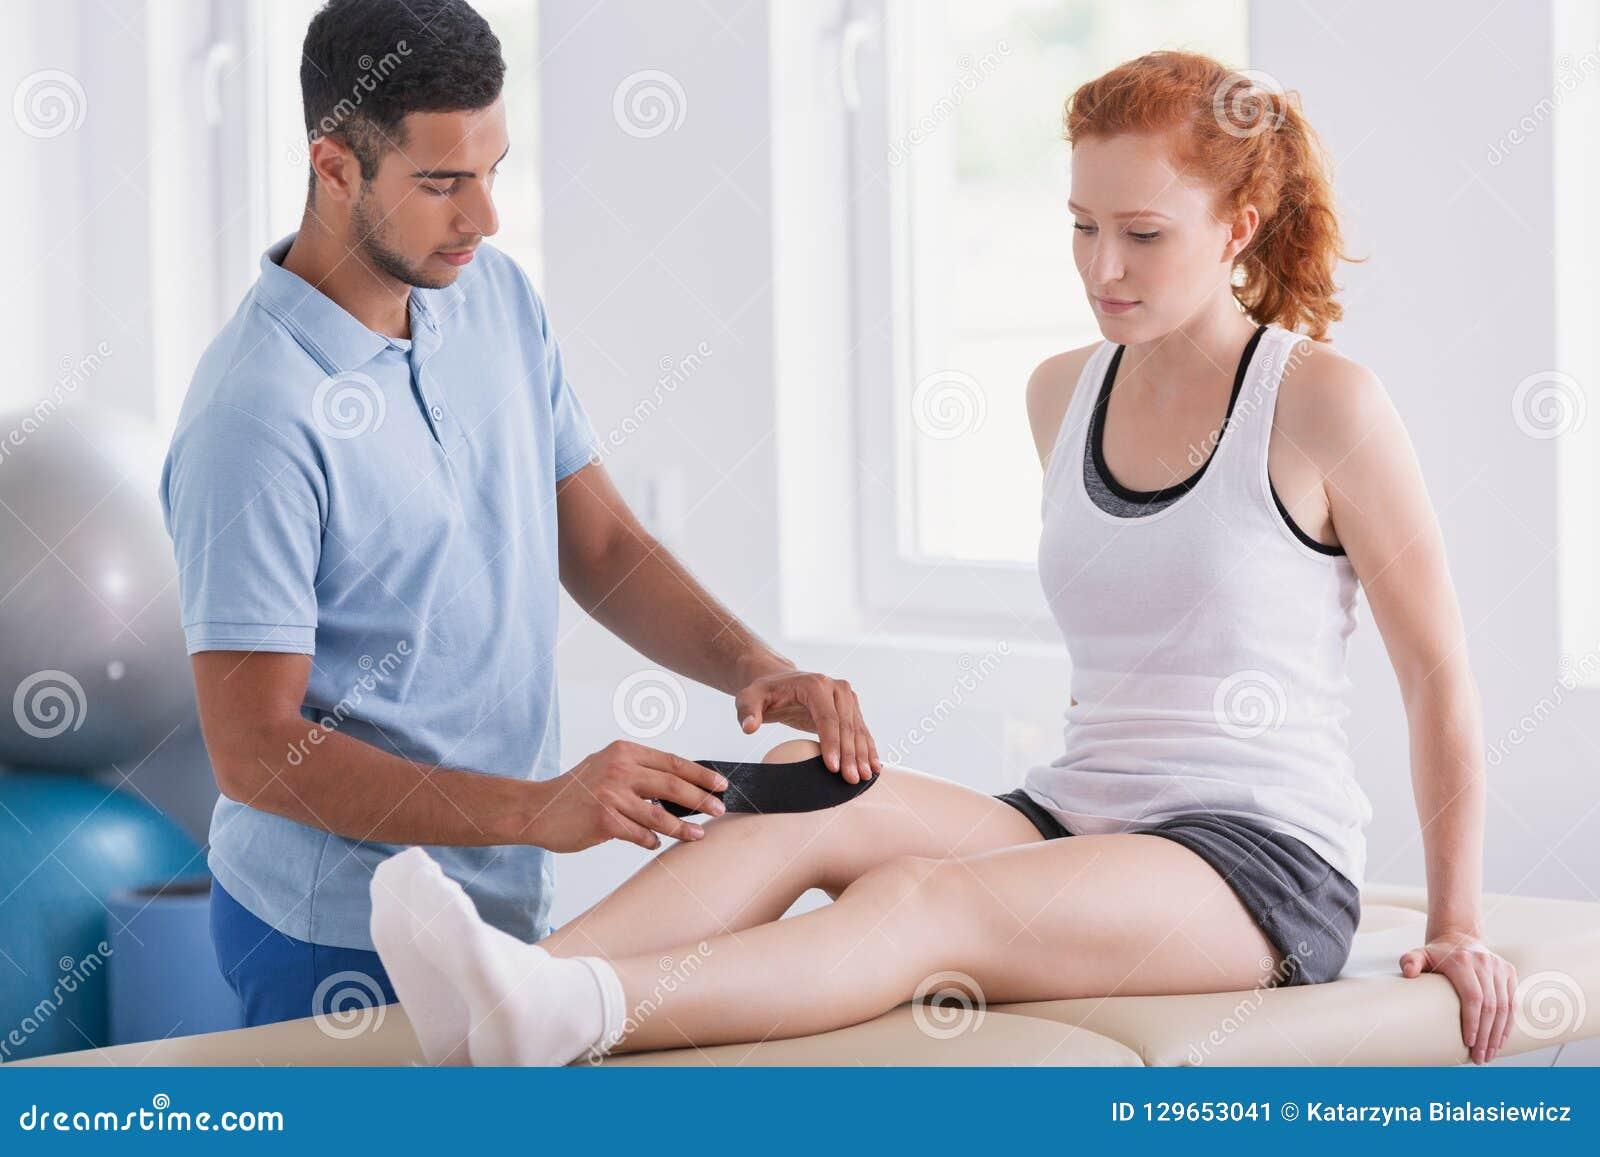 Physiotherapist kładzenia taśmy na pacjent nodze podczas kinesiotaping